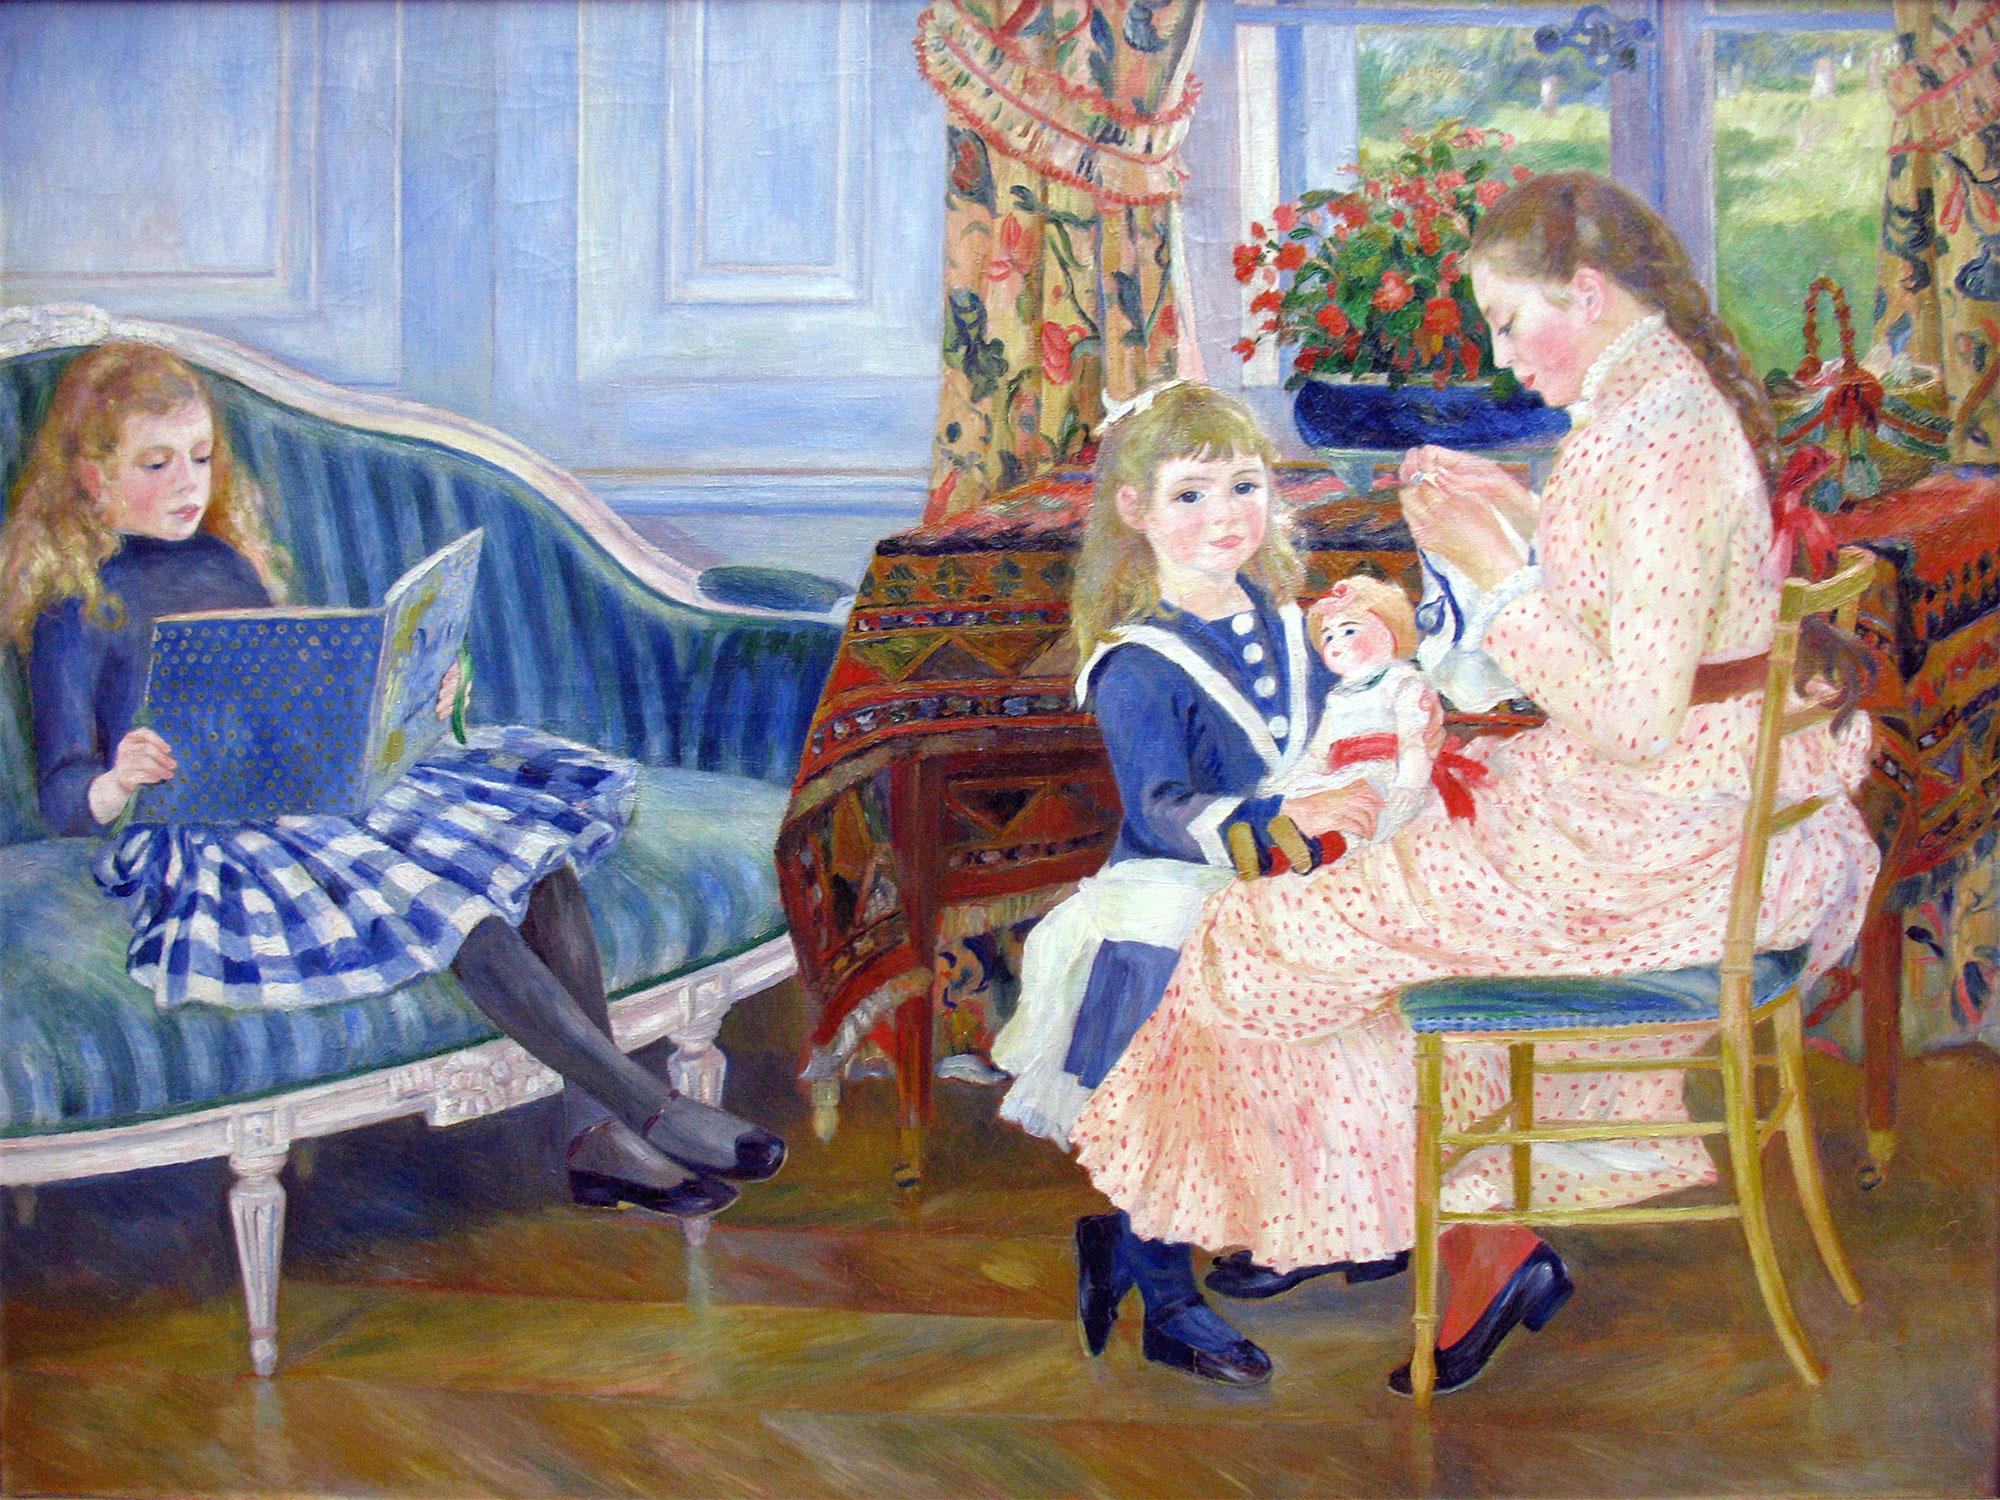 Il pomeriggio dei bambini Bérard a Wargemont (Renoir) - Children's Afternoon at Wargemont - L'après-midi des enfants à Wargemont